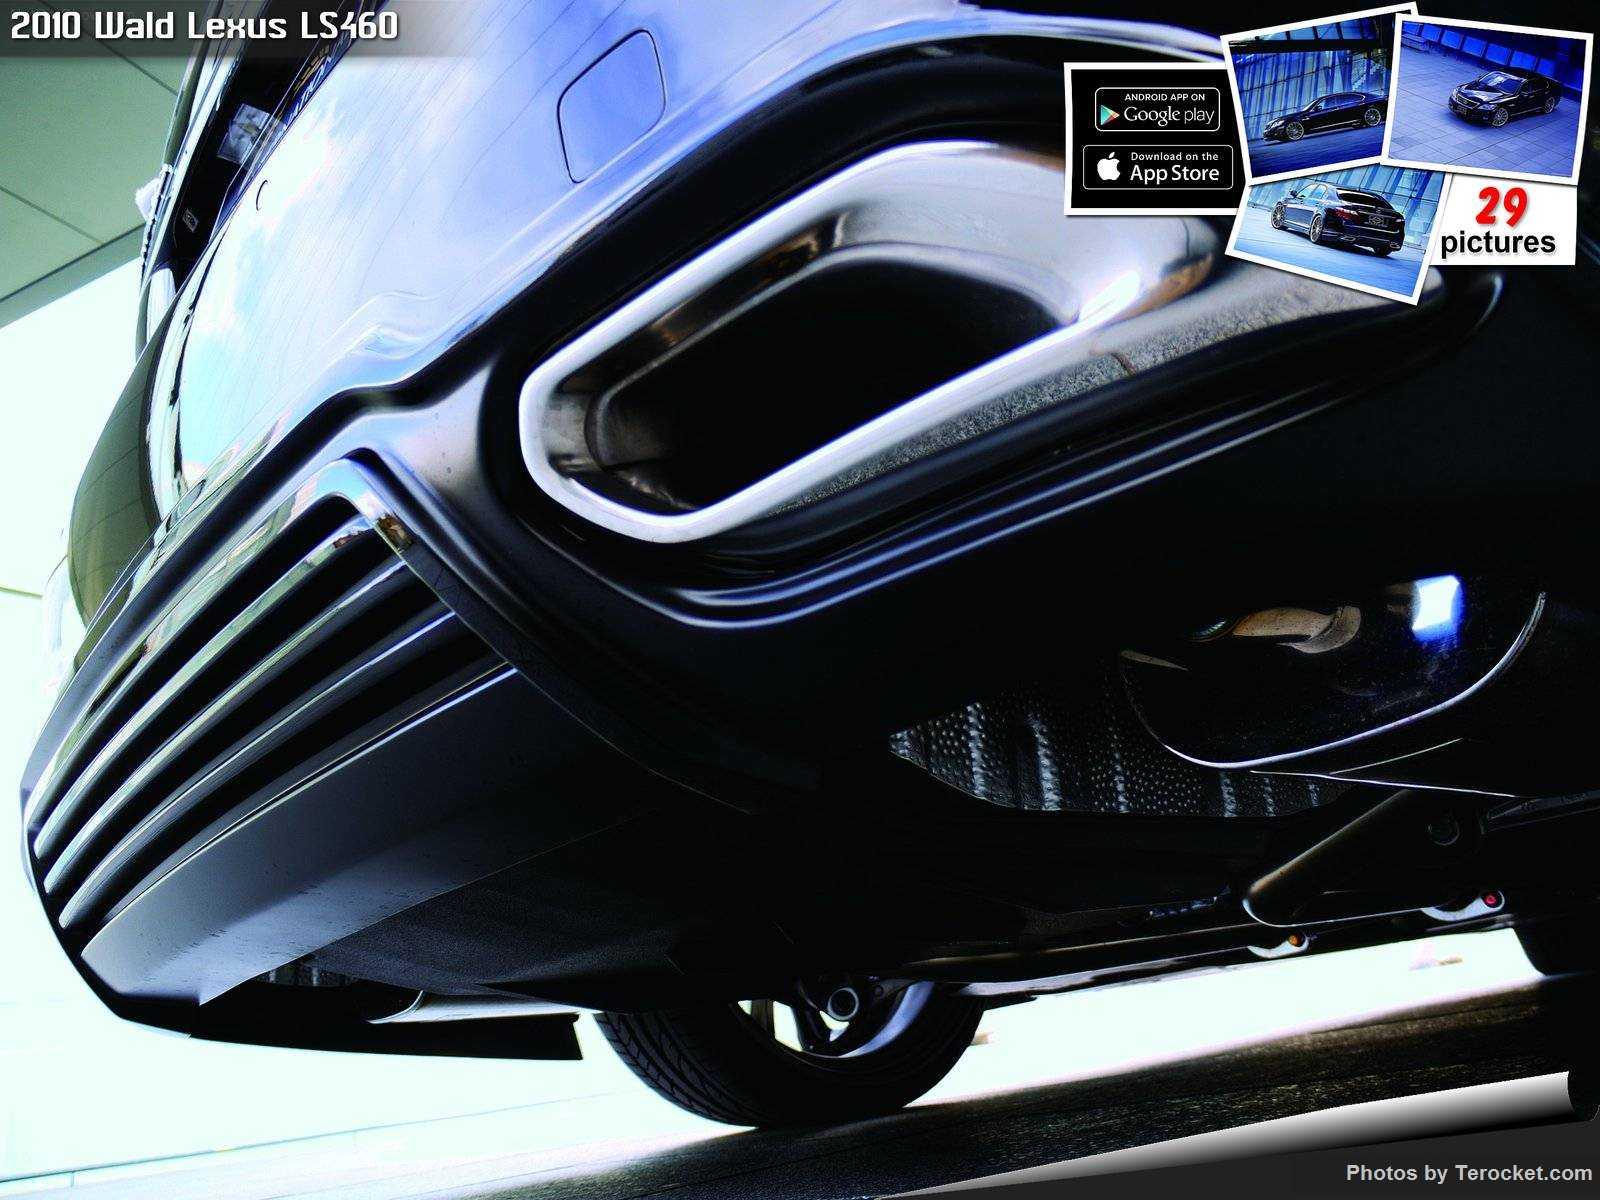 Hình ảnh xe độ Wald Lexus LS460 2010 & nội ngoại thất